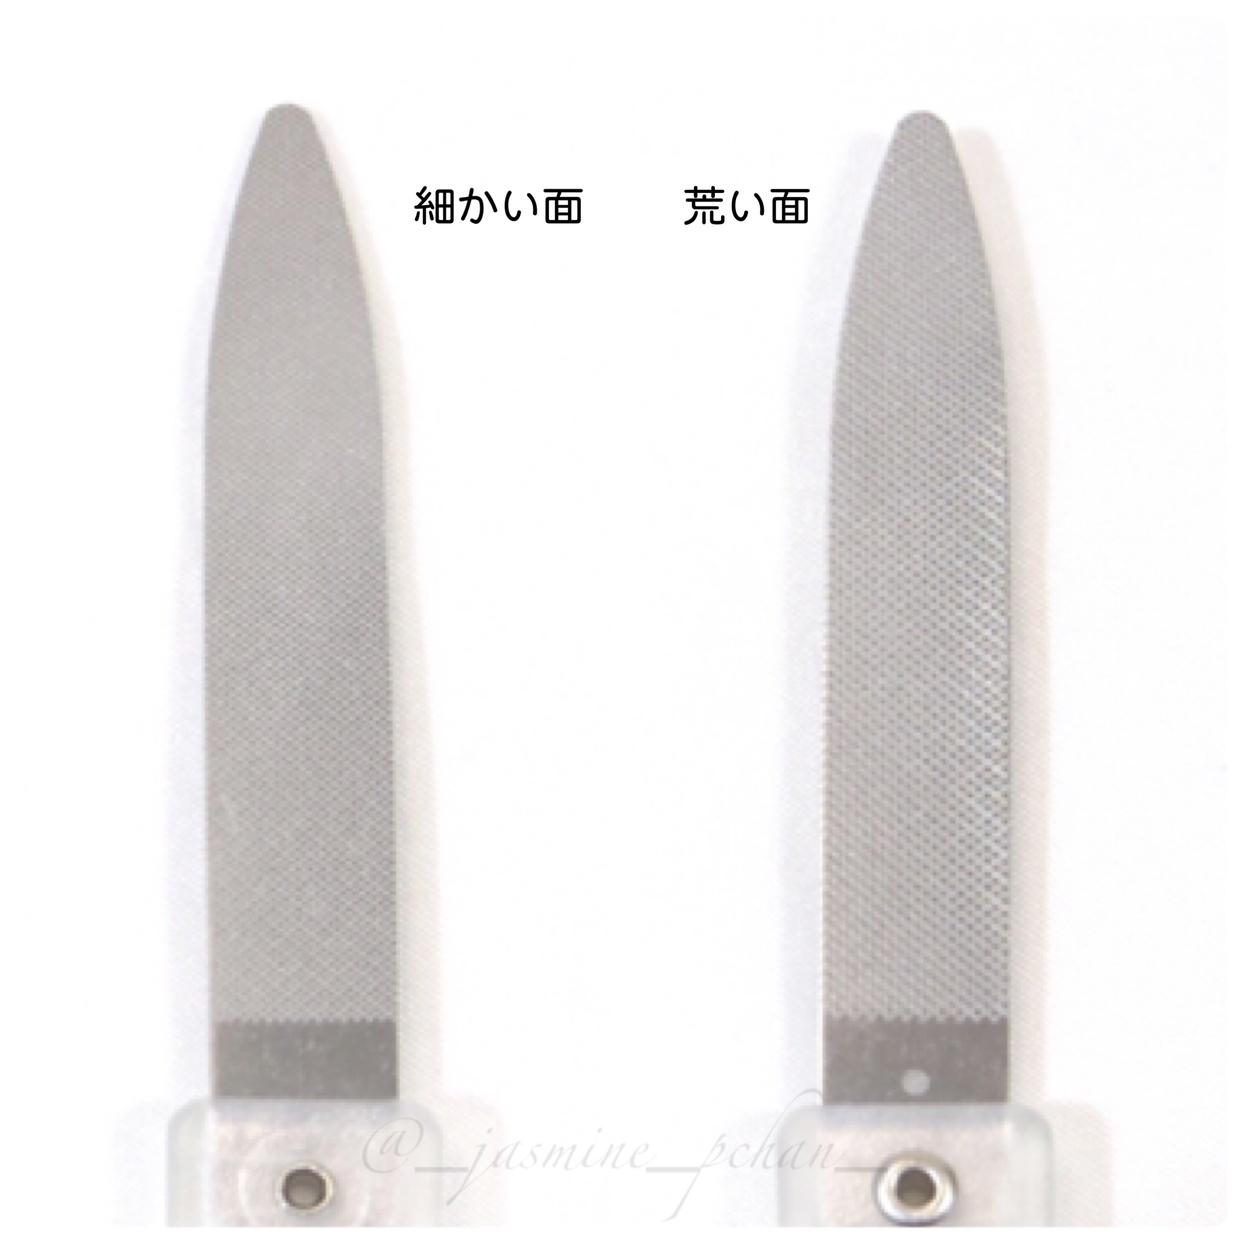 無印良品(MUJI) ステンレス折りたたみ爪やすりを使ったぴい0130さんのクチコミ画像3